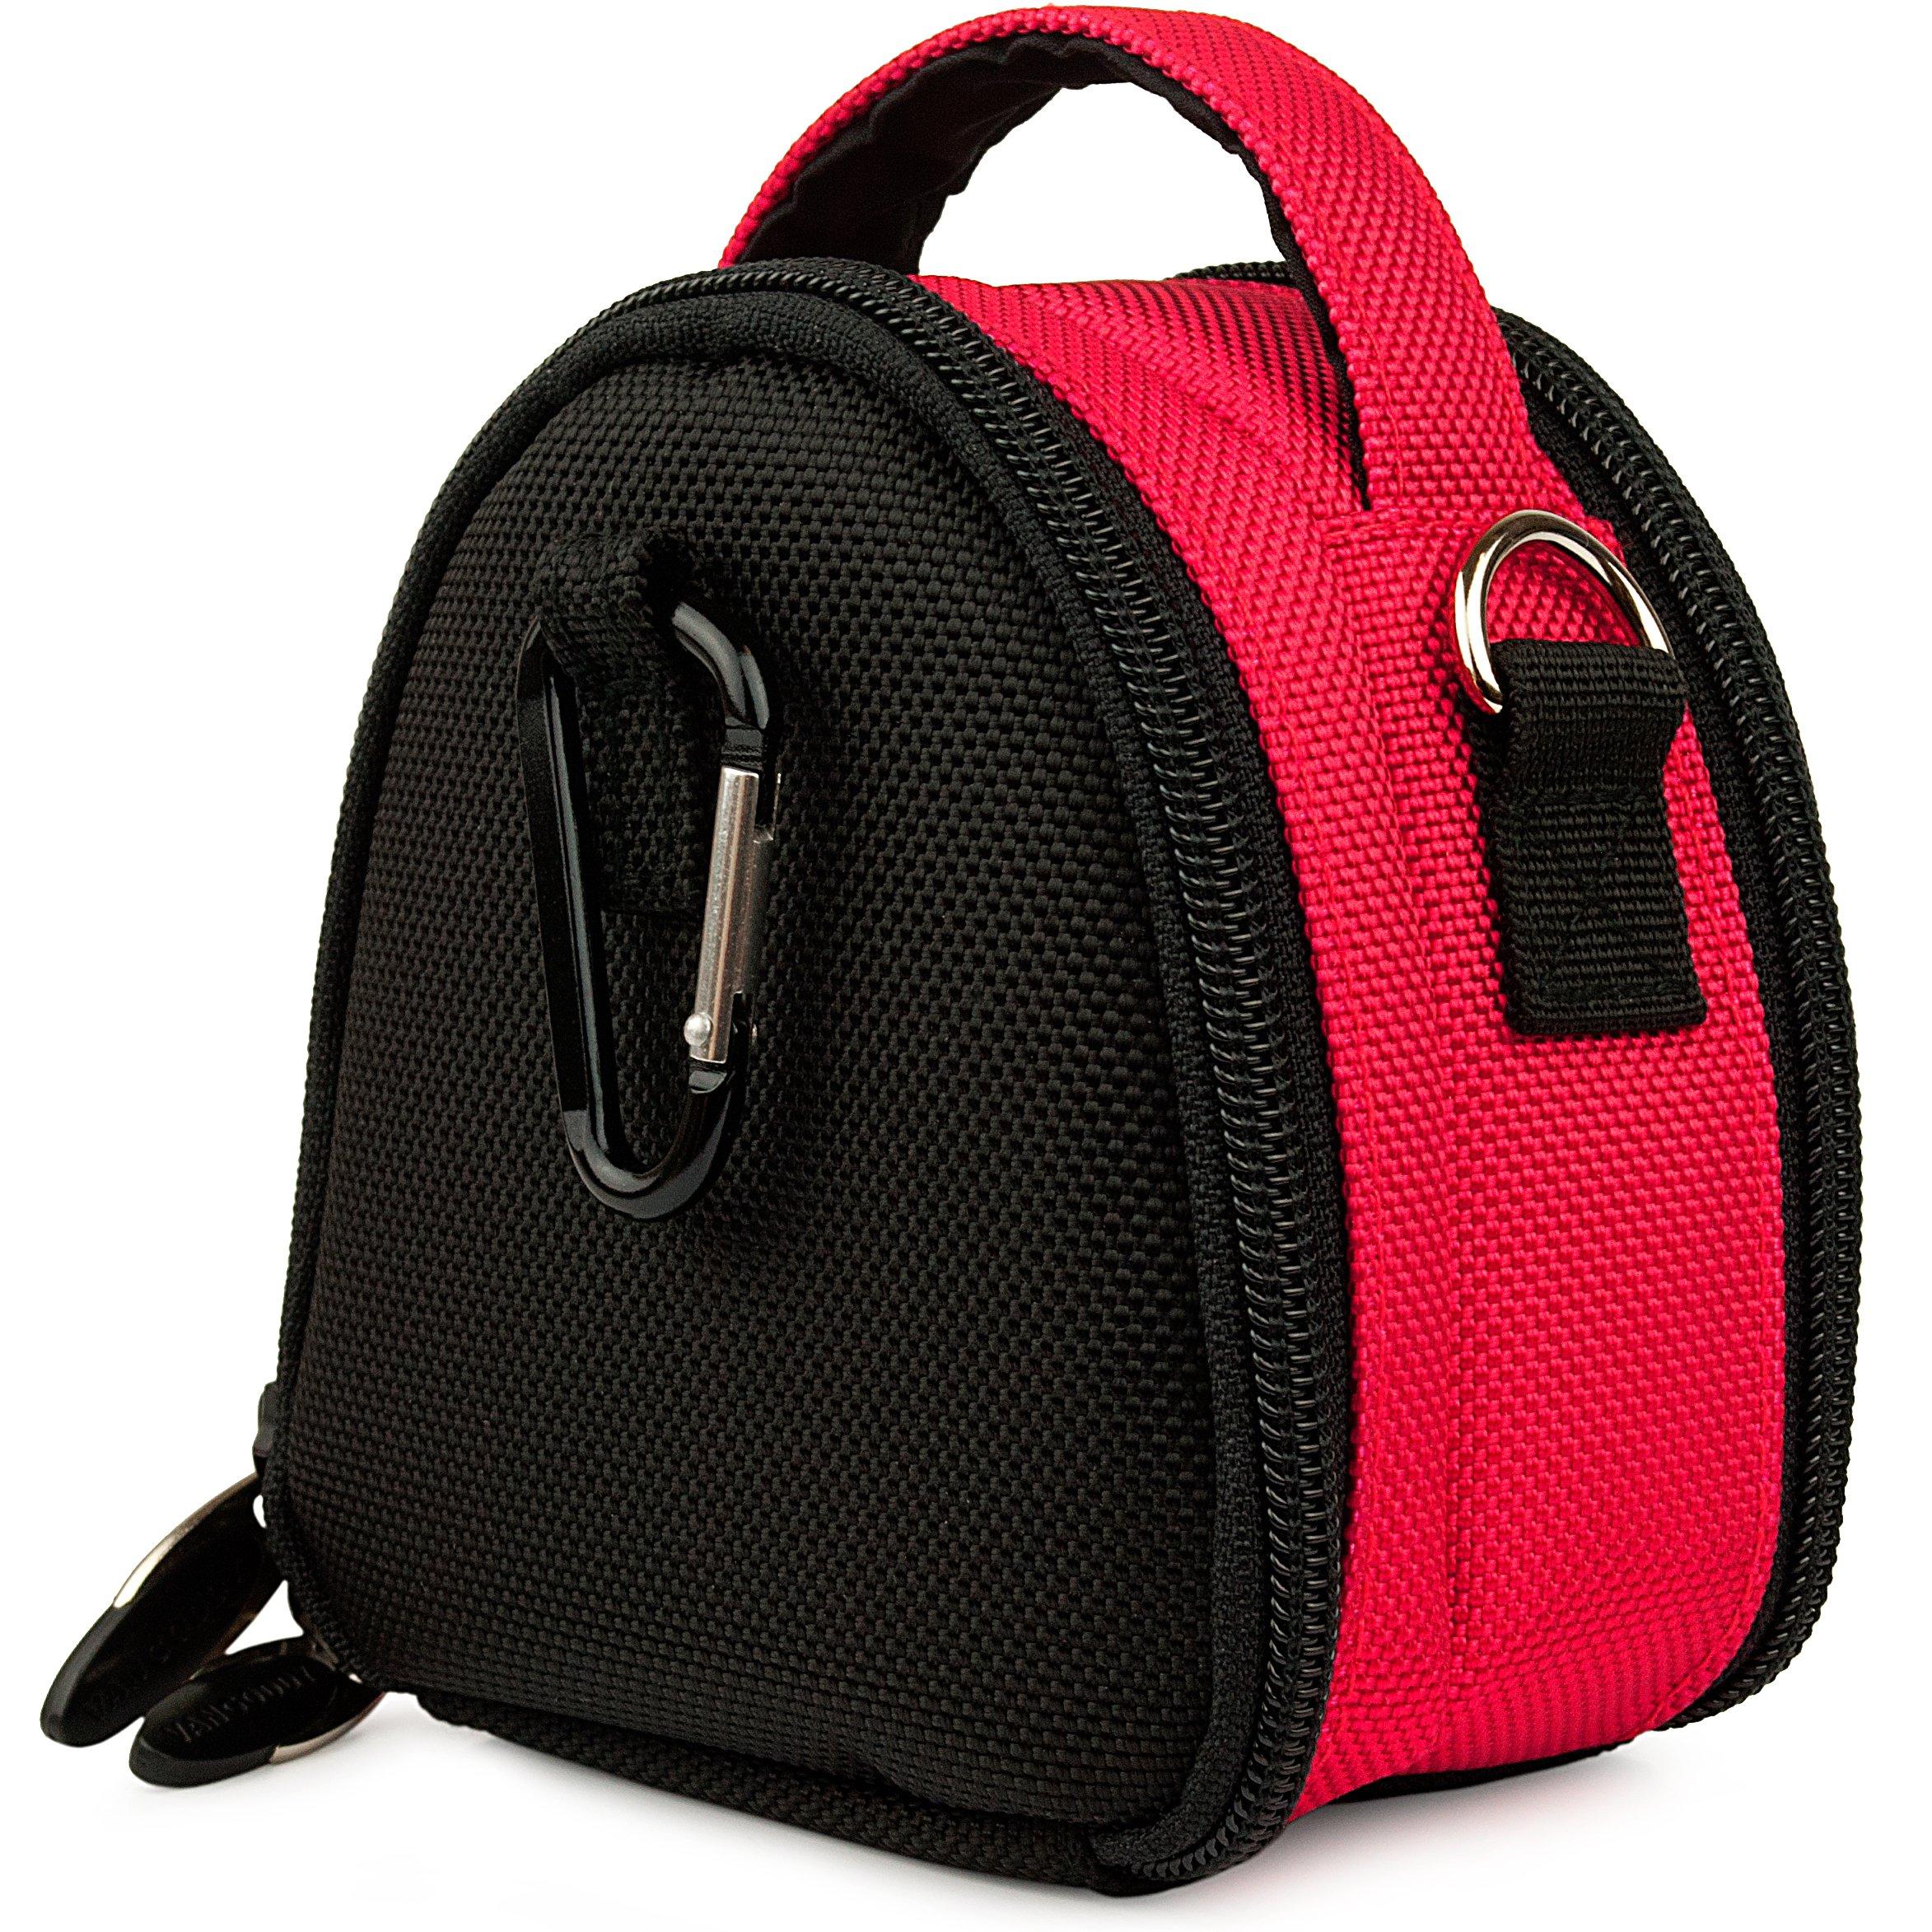 Mini Laurel Handbag Pouch Case for Samsung WB250F / WB30F Smart Wi-Fi Digital Camera